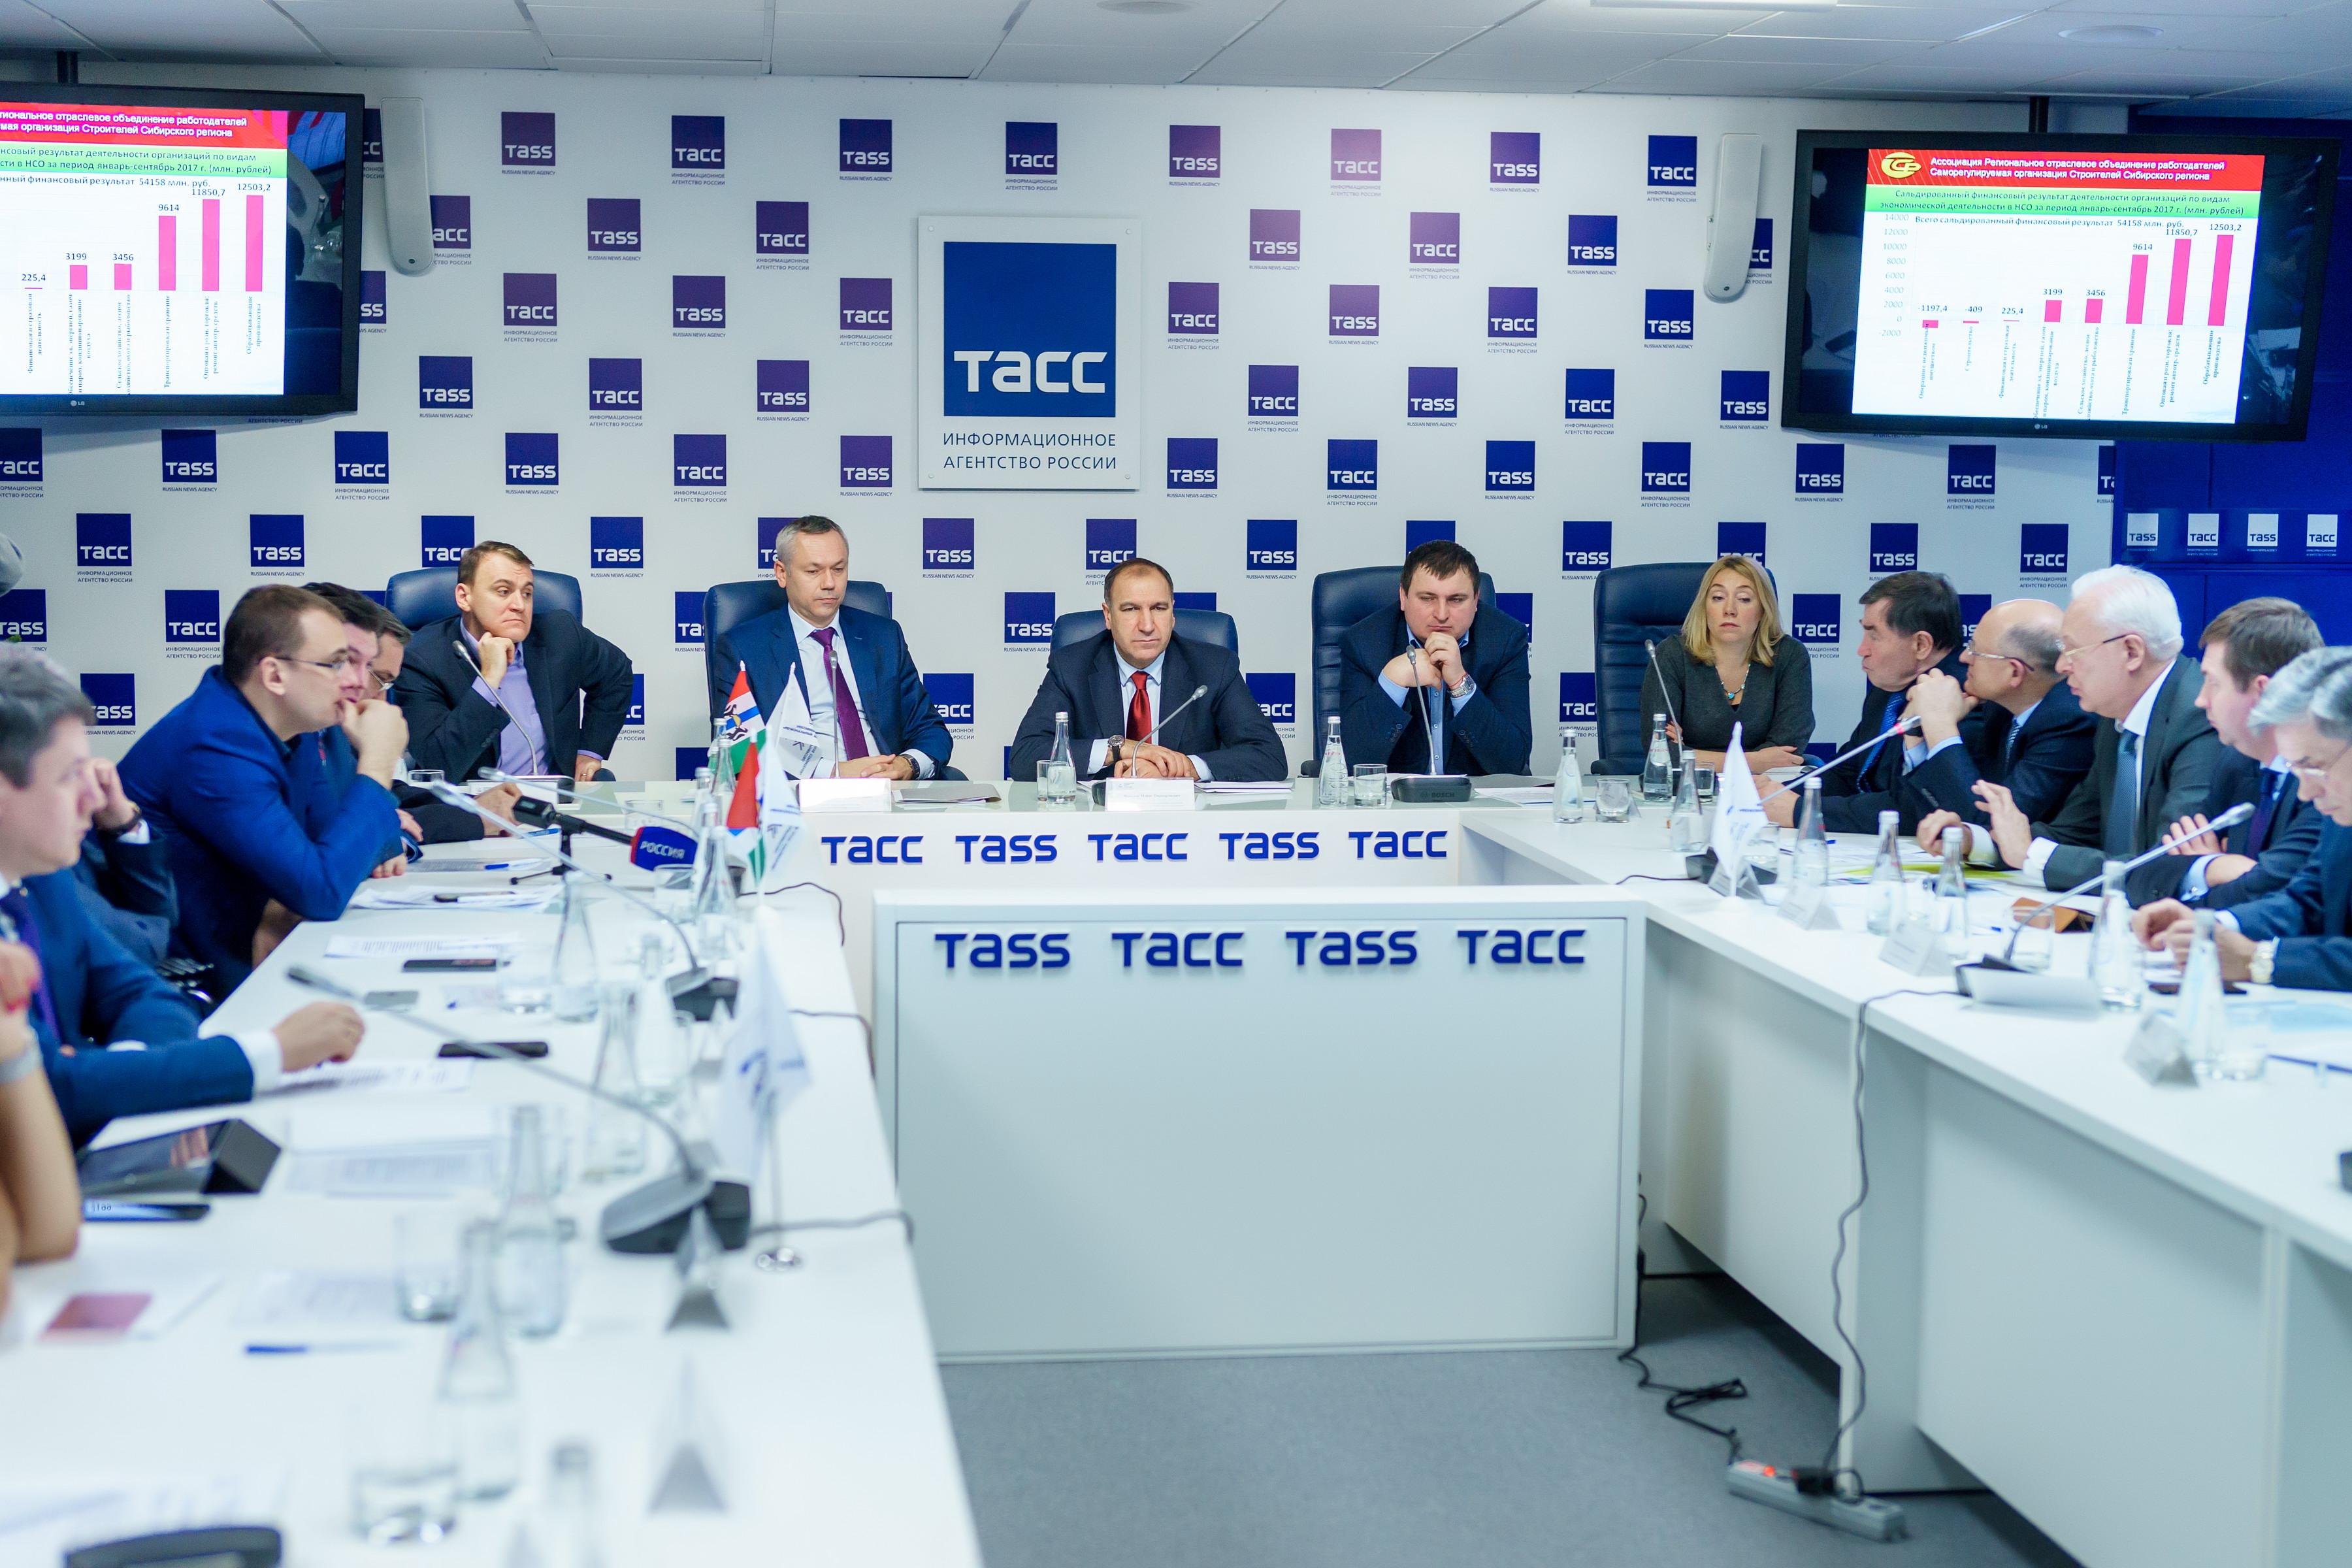 Состоялось расширенное заседание НП «Региональный деловой клуб строителей» с участием исполняющего обязанности  губернатора Новосибирской области Андрея Травникова